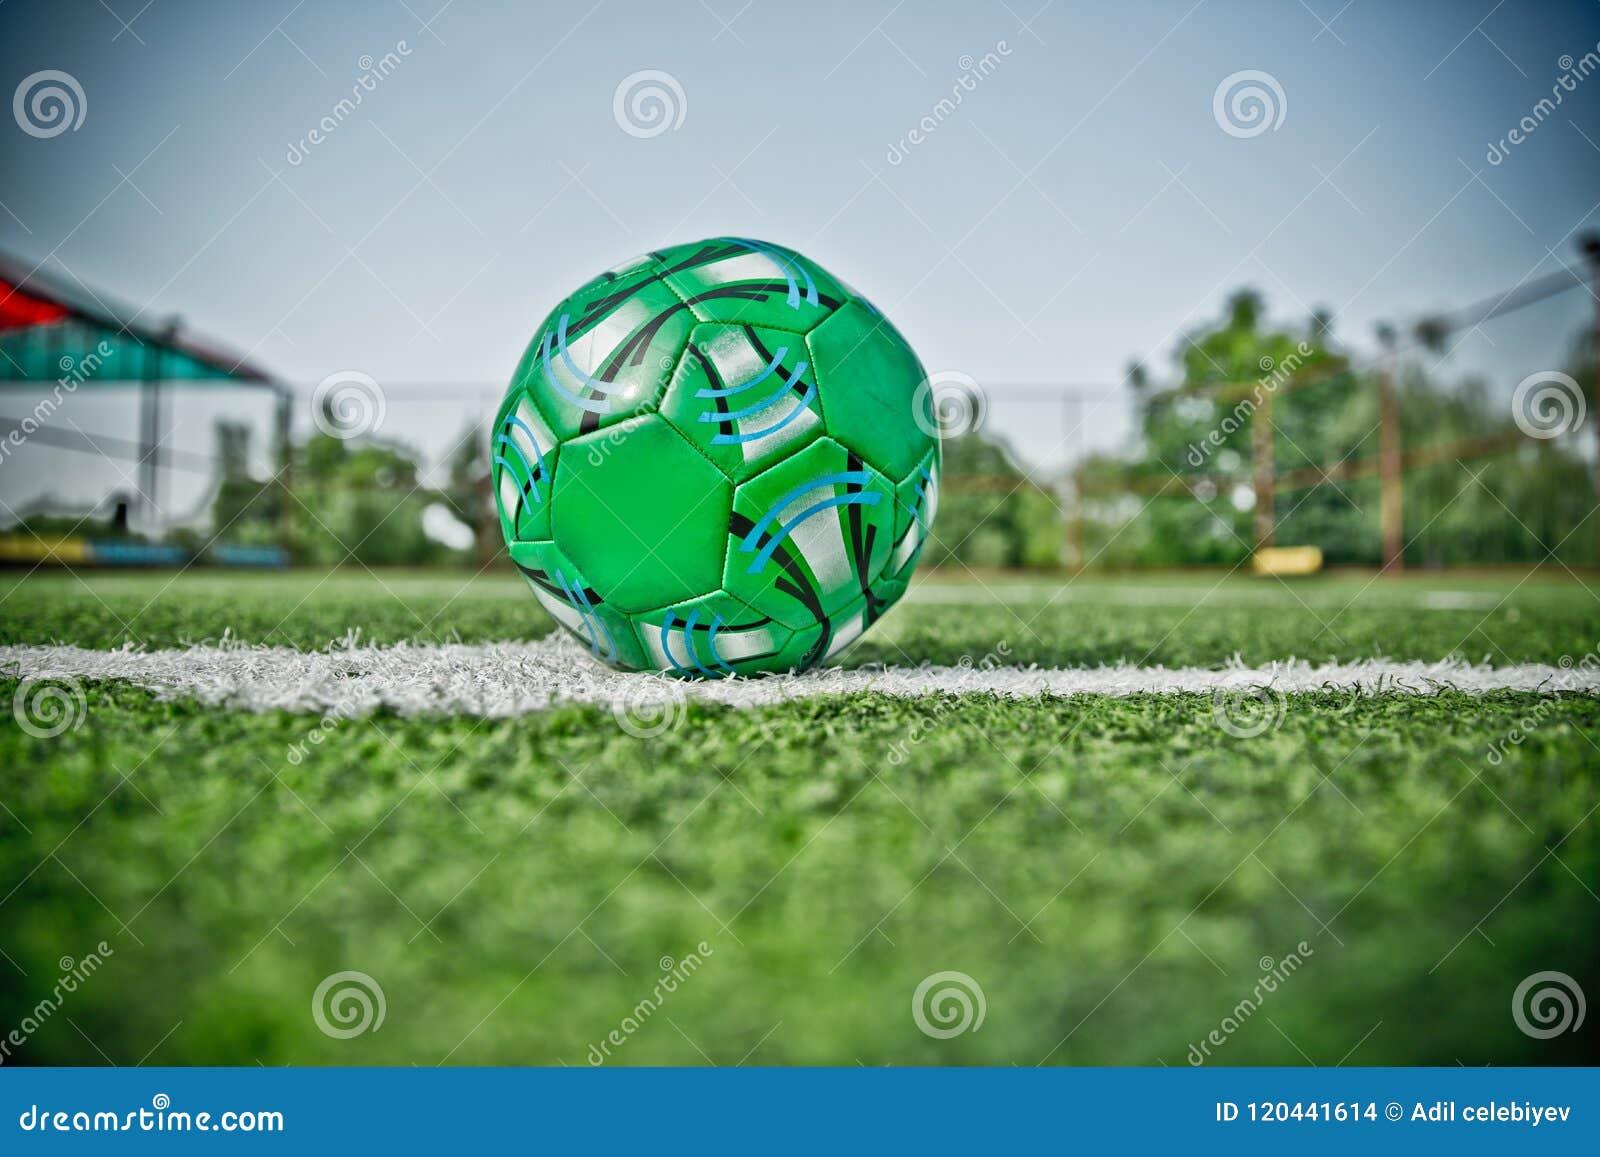 Grama artificial de Mini Football Goal On An Dentro do campo de futebol interno Mini bola de futebol foto do hdr